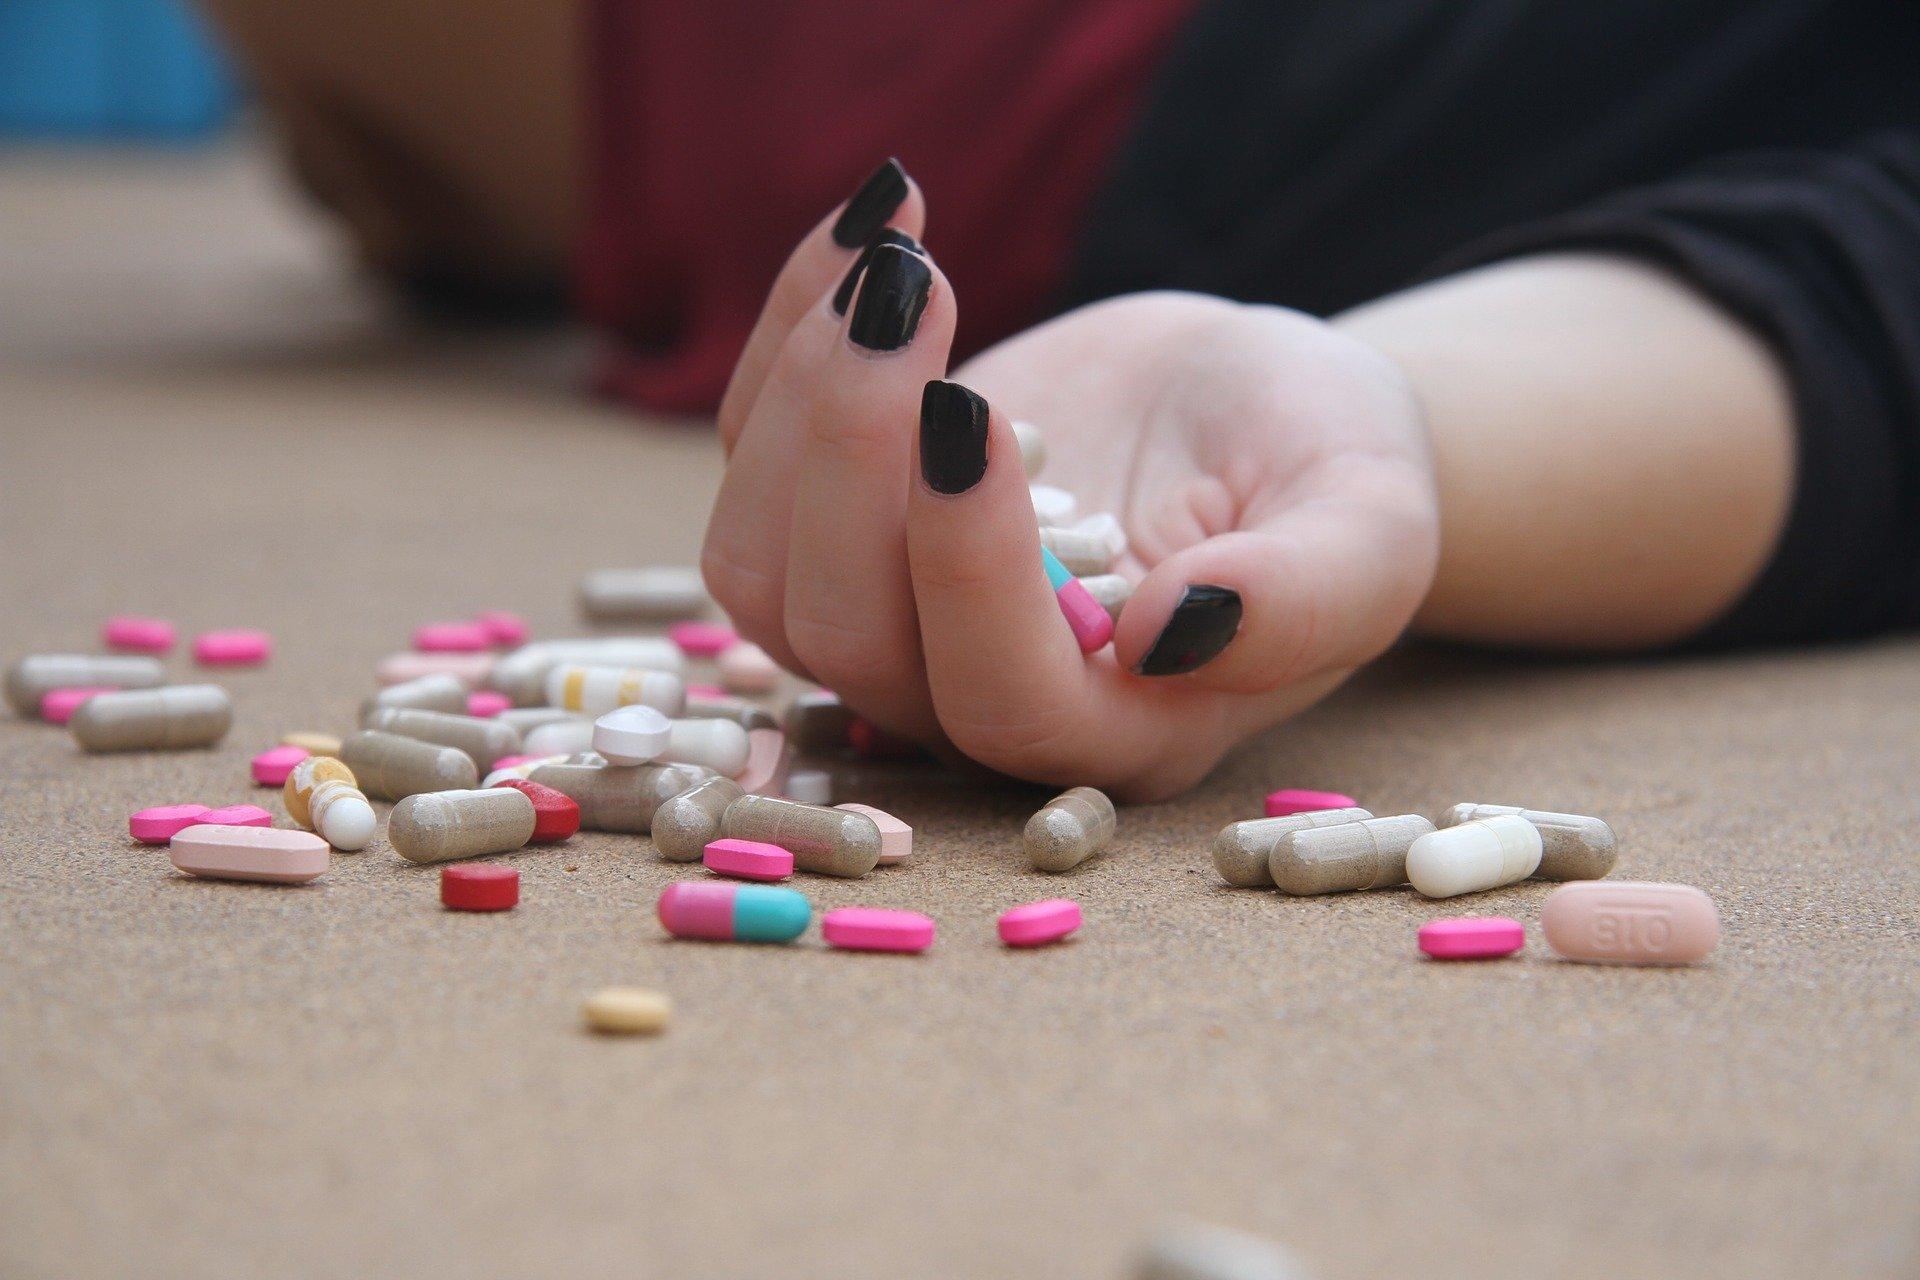 Pandemia afasta pacientes de tratamento e aumenta problemas relacionados a doenças mentais